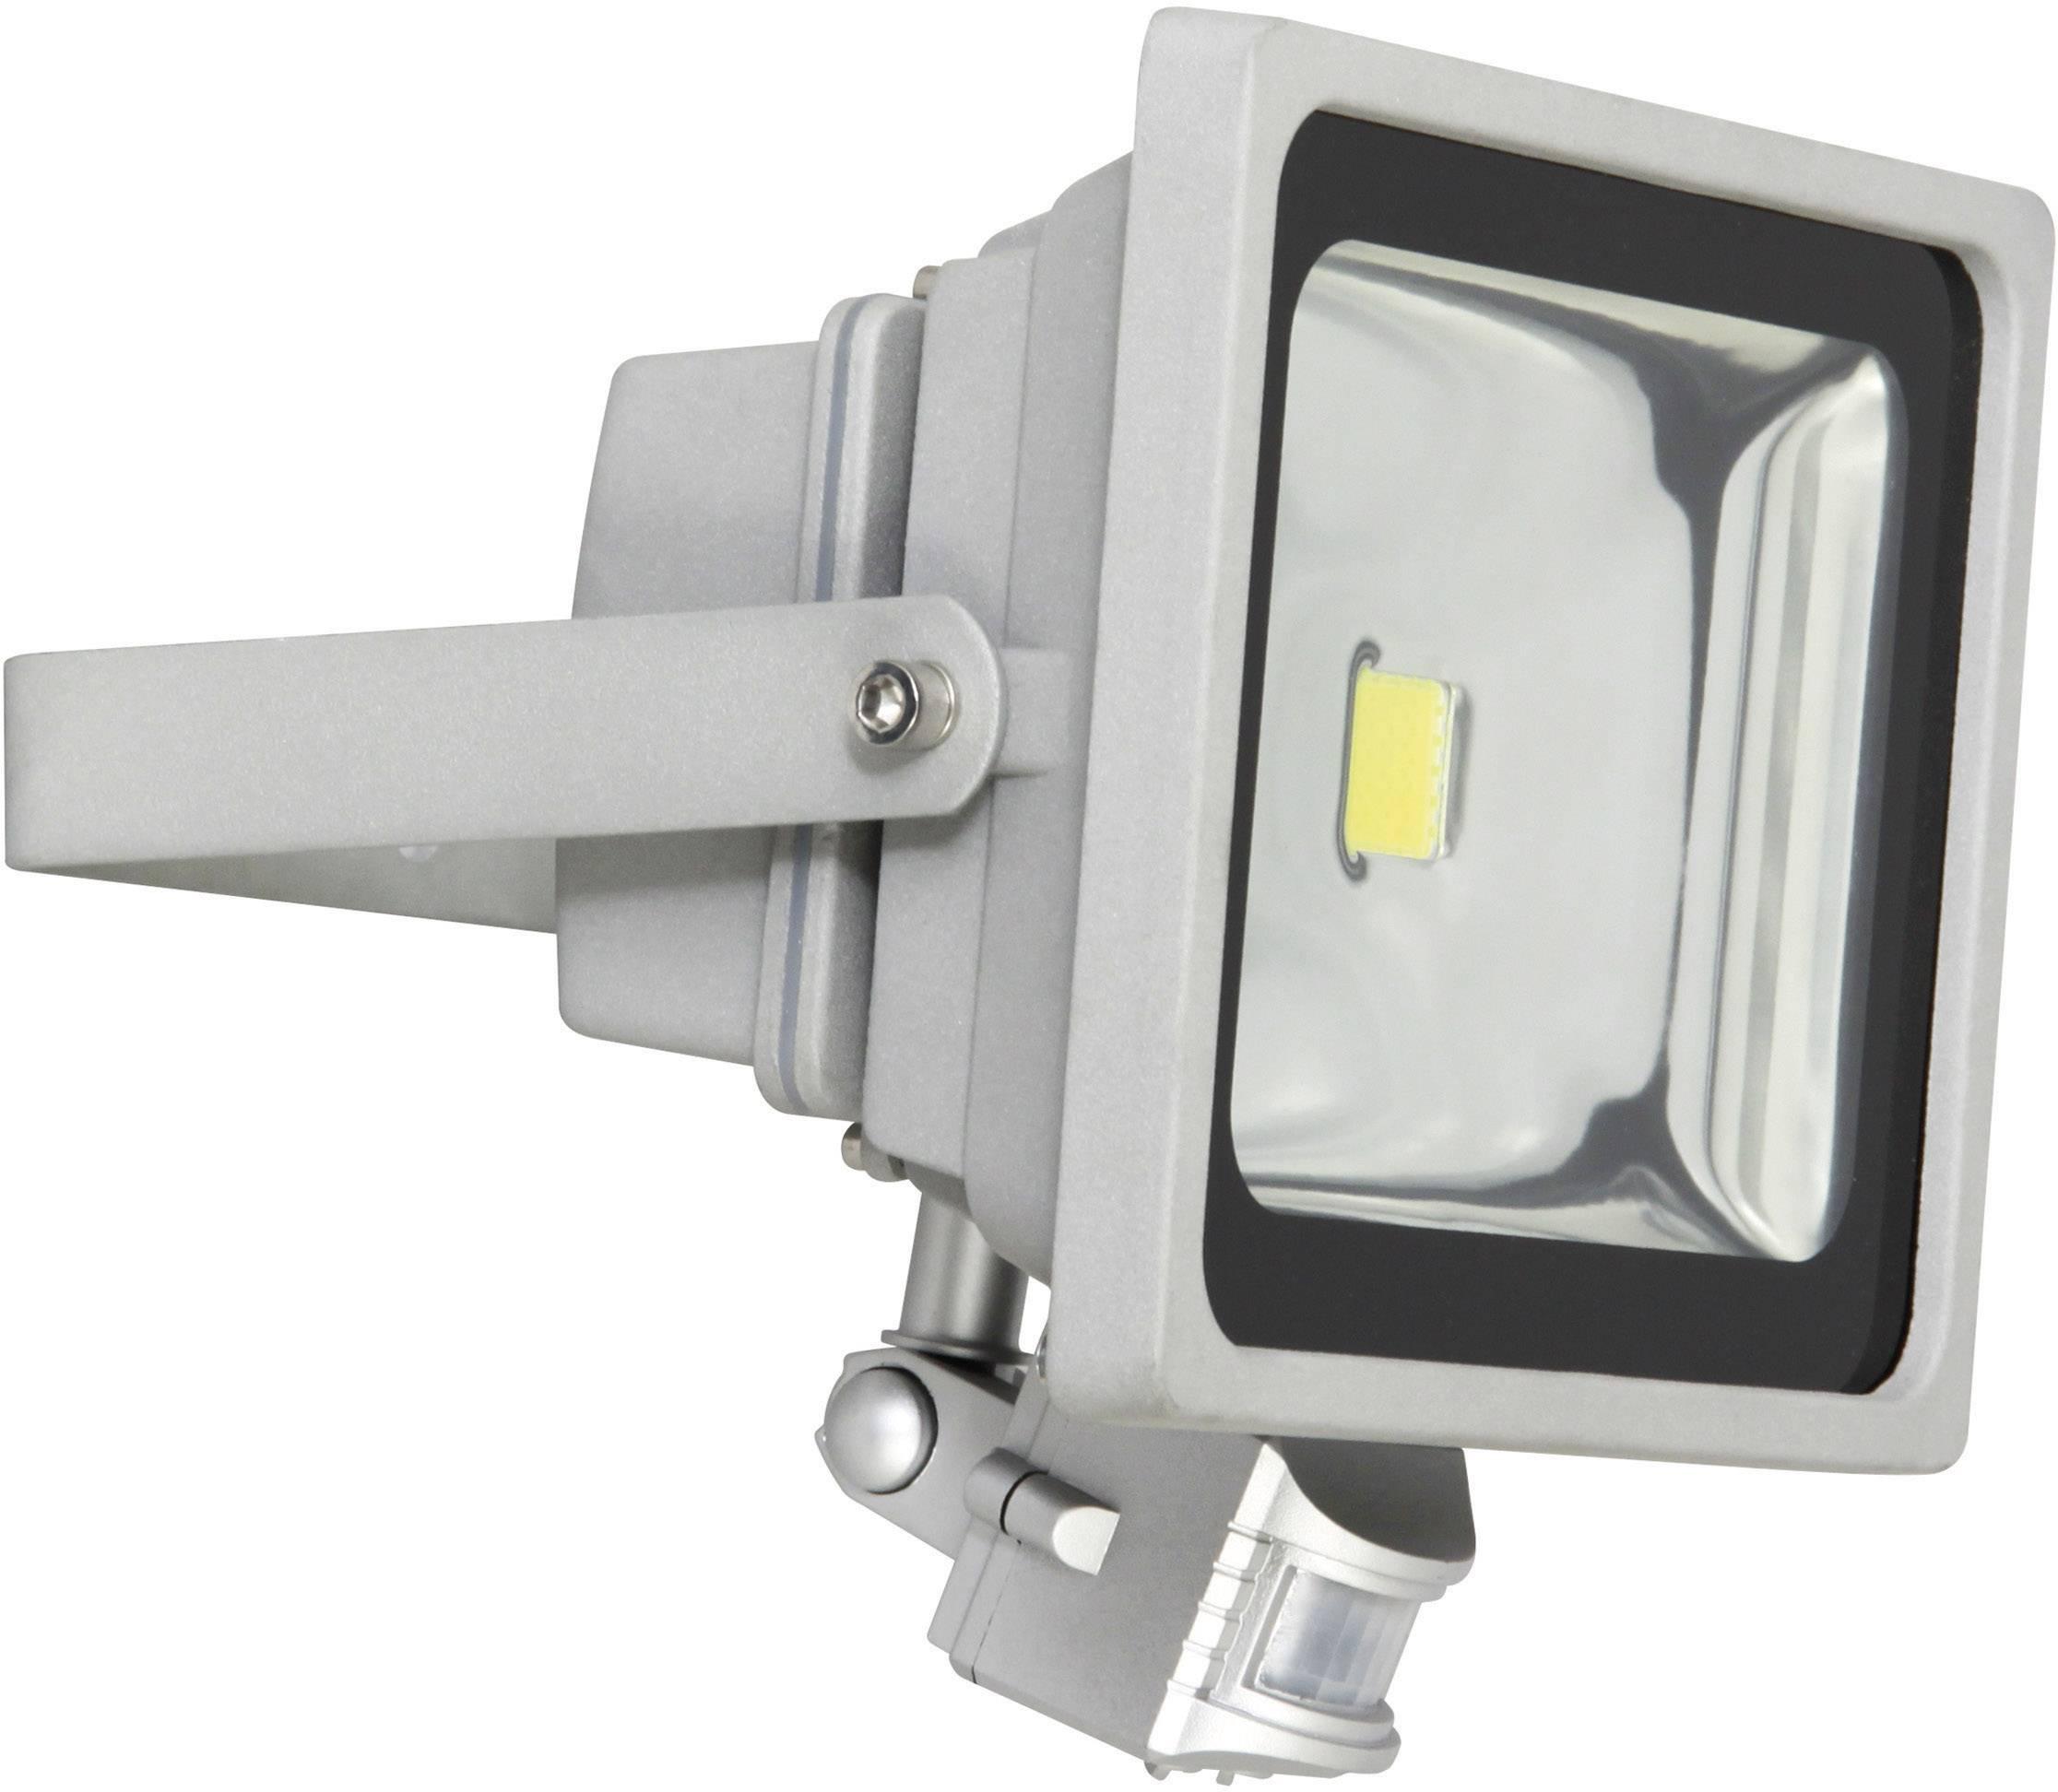 Projecteur LED Extérieur Avec Détecteur De Mouvements Blanc Lumière Du Jour  XQ Lite XQ Lite